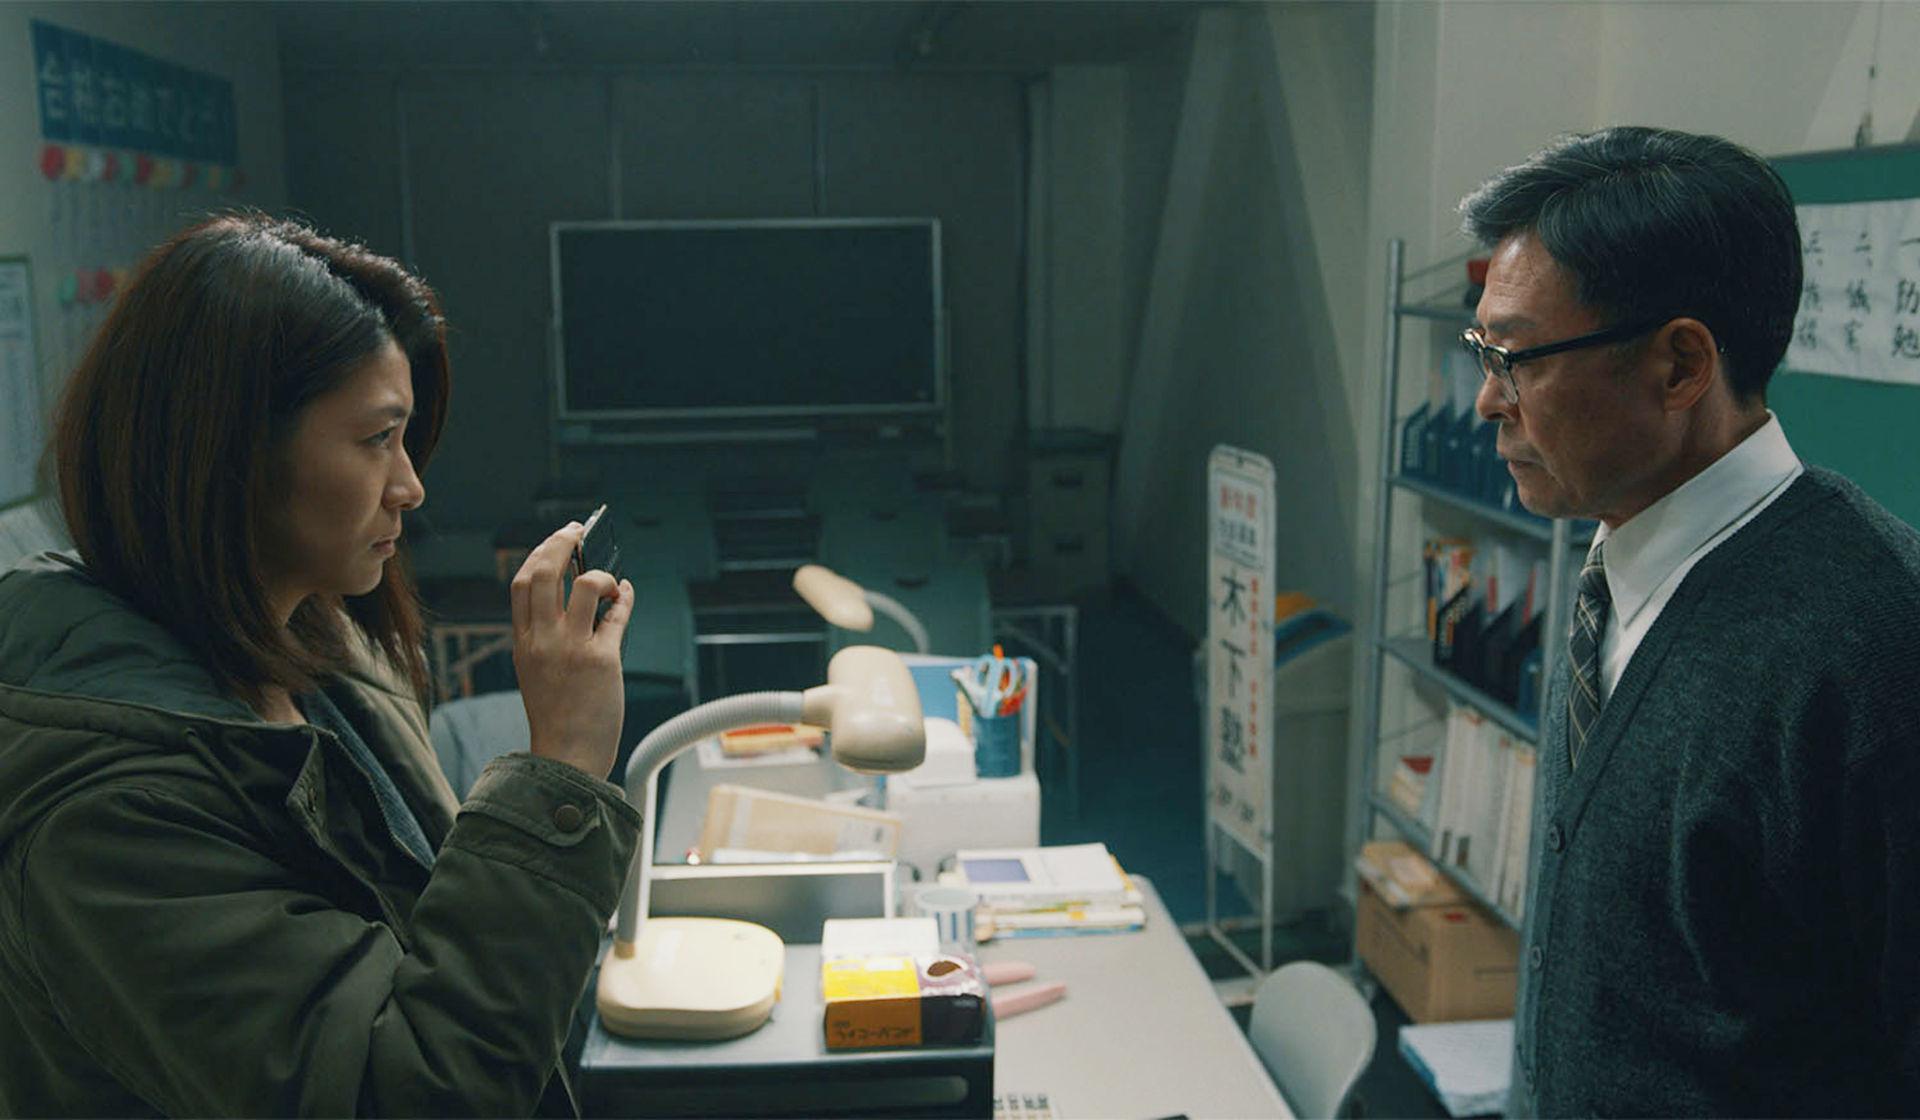 5 phim A Chau duoc gioi phe binh danh gia rat cao